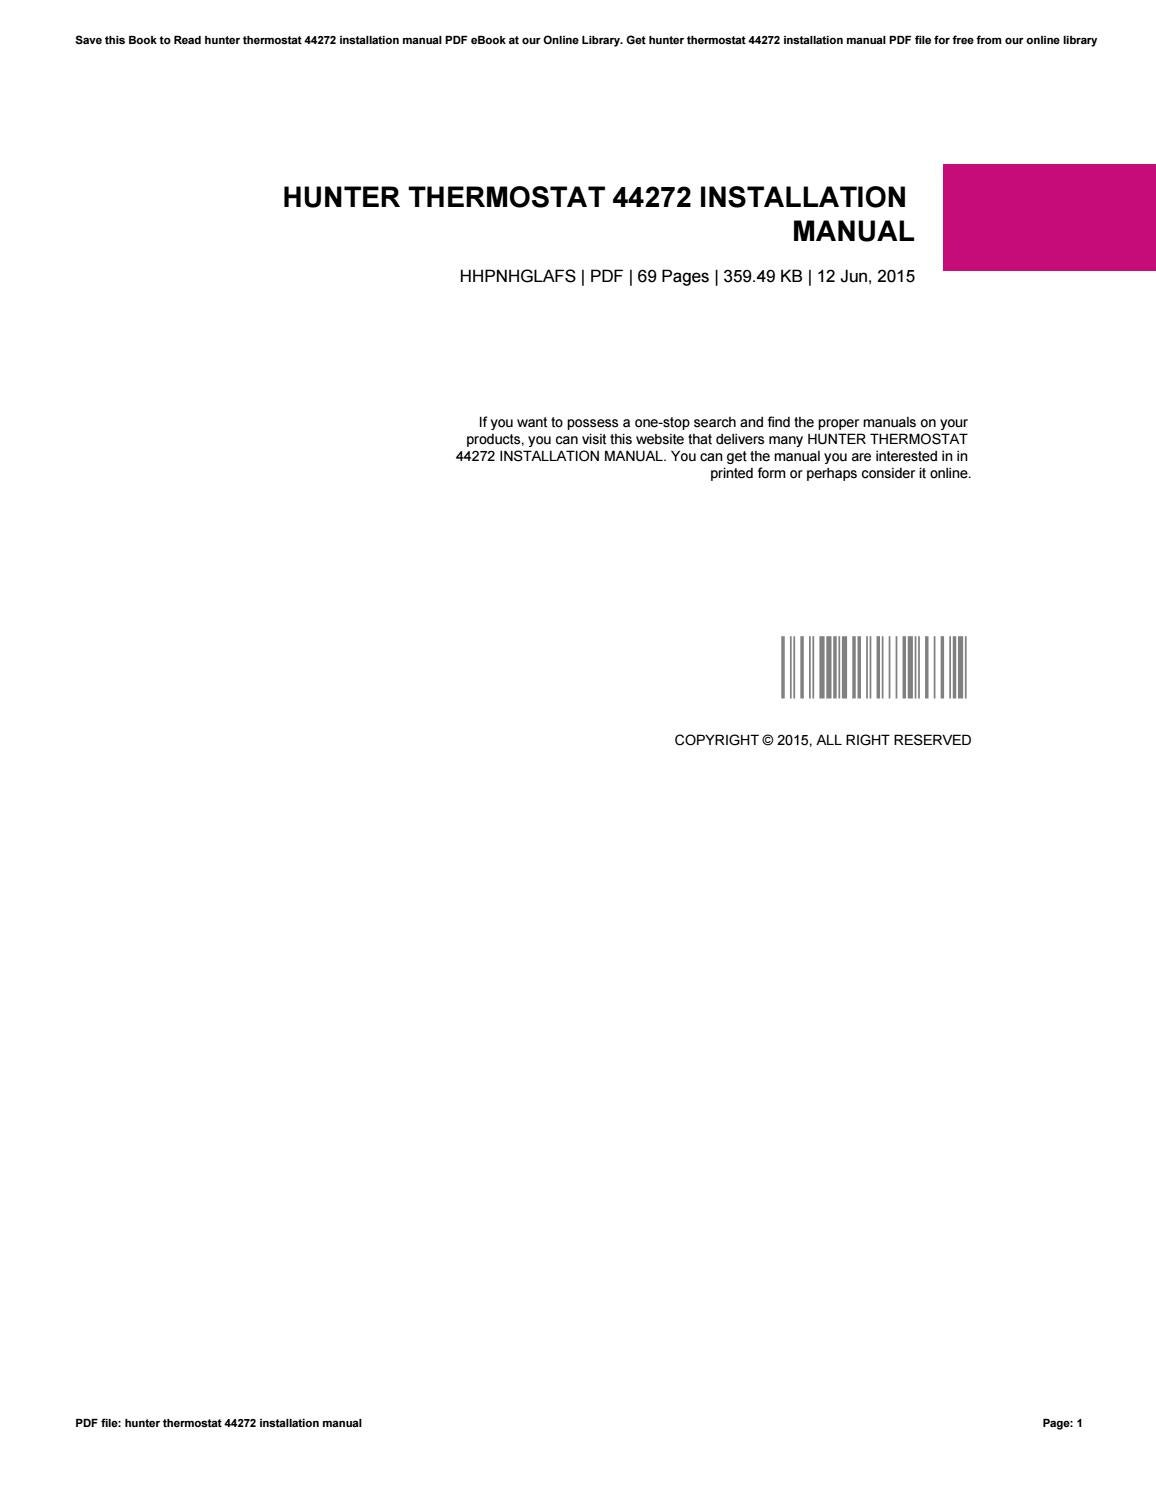 Wunderbar Draht Am Thermostat Y1 Zeitgenössisch - Der Schaltplan ...